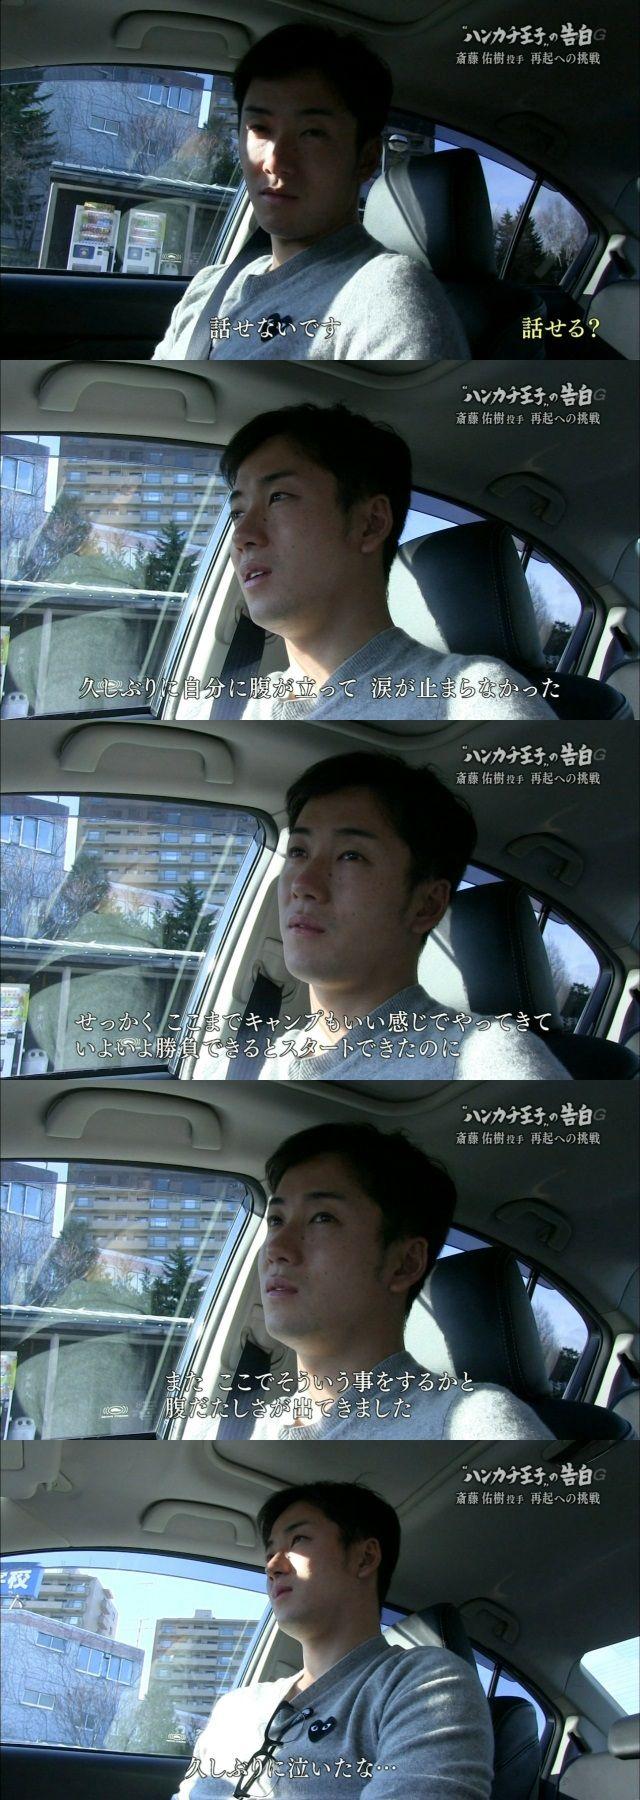 「ハンカチ王子の告白」に出演した斎藤佑樹が夜に泣いたと発言